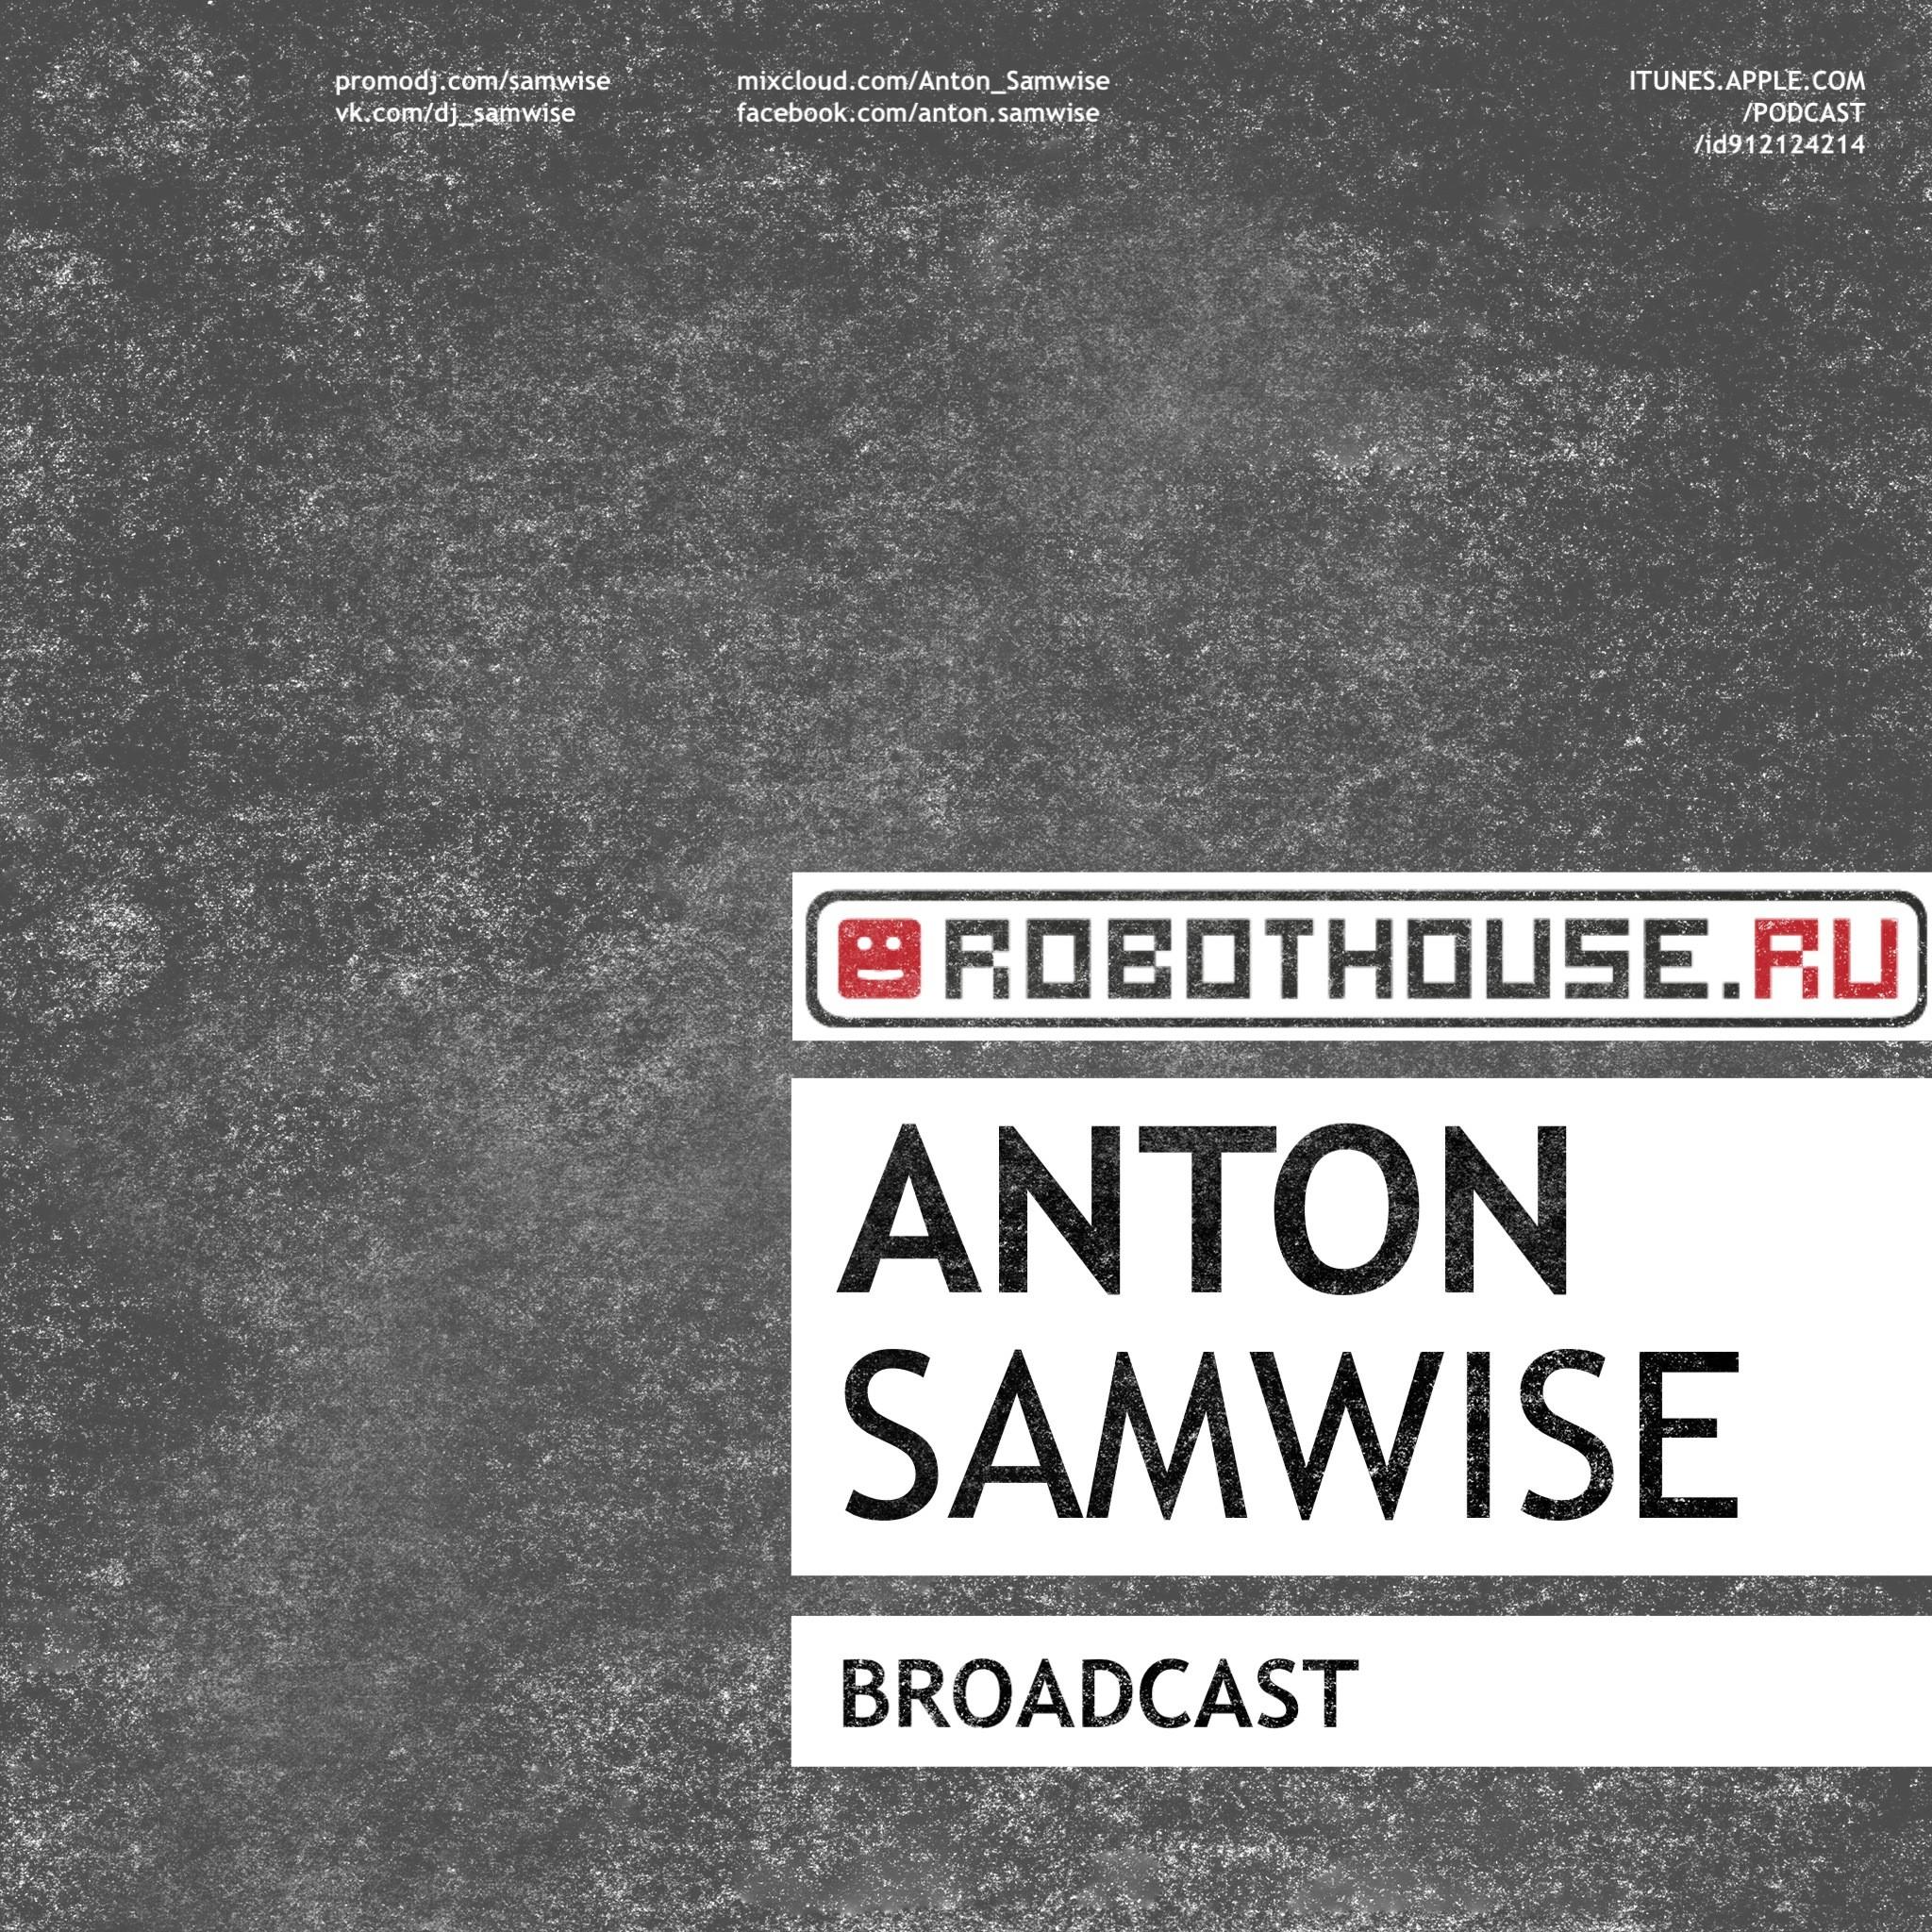 Anton Samwise